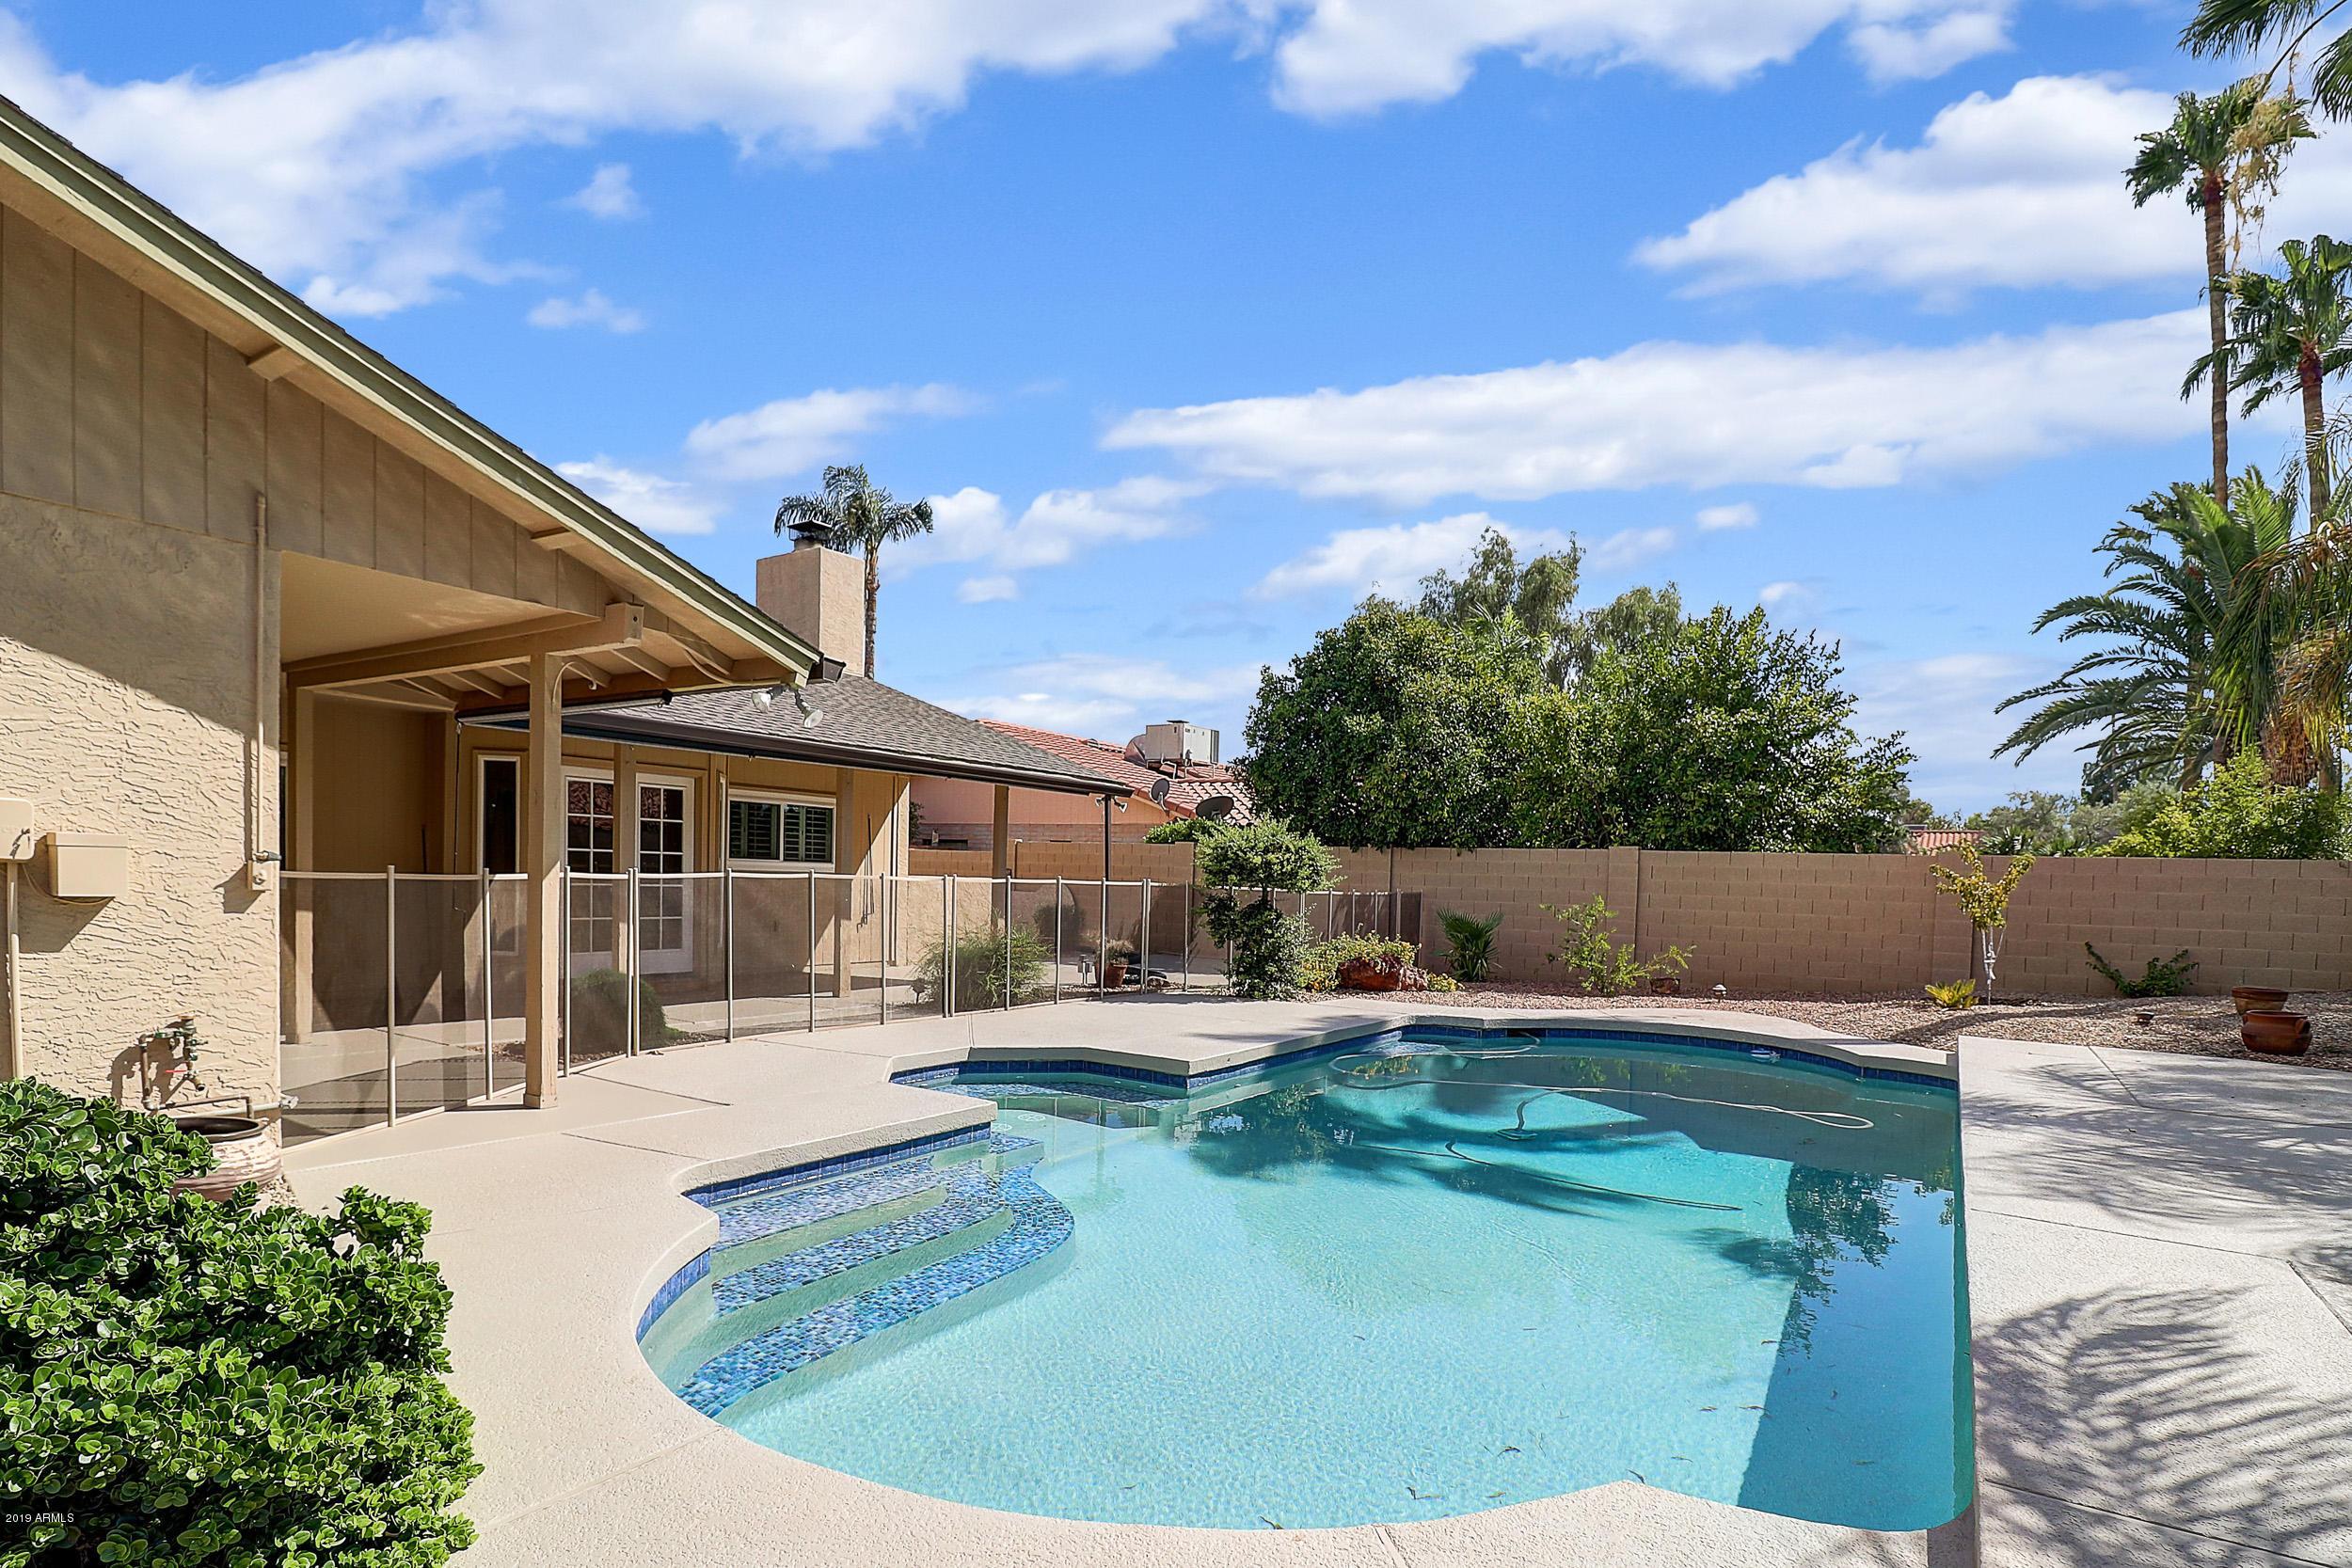 MLS 5955749 12422 N 75TH Place, Scottsdale, AZ 85260 Scottsdale AZ Private Pool